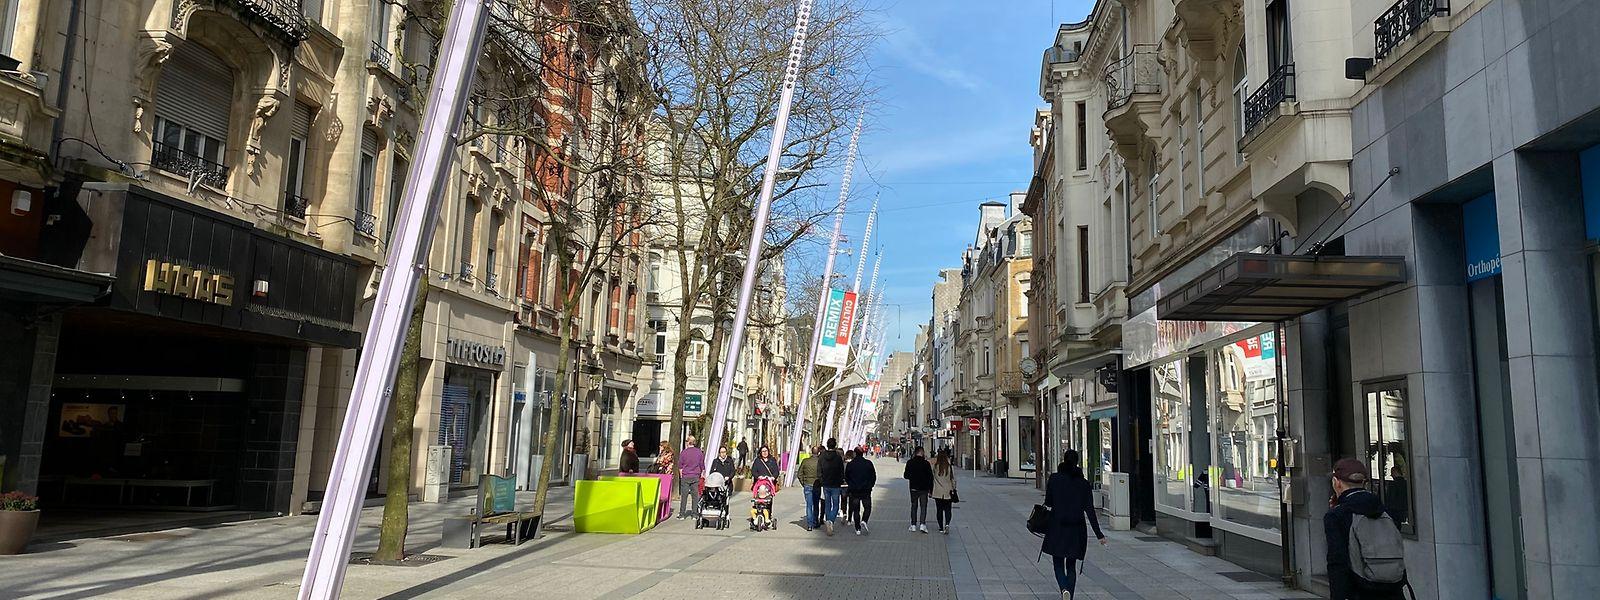 Von Trubel keine Spur: Die Einkaufsstraße in Esch passierte gestern kein Karnevalsumzug, sondern lediglich einige Flaneure, die von dem frühlinghaften Wetter profitierten.